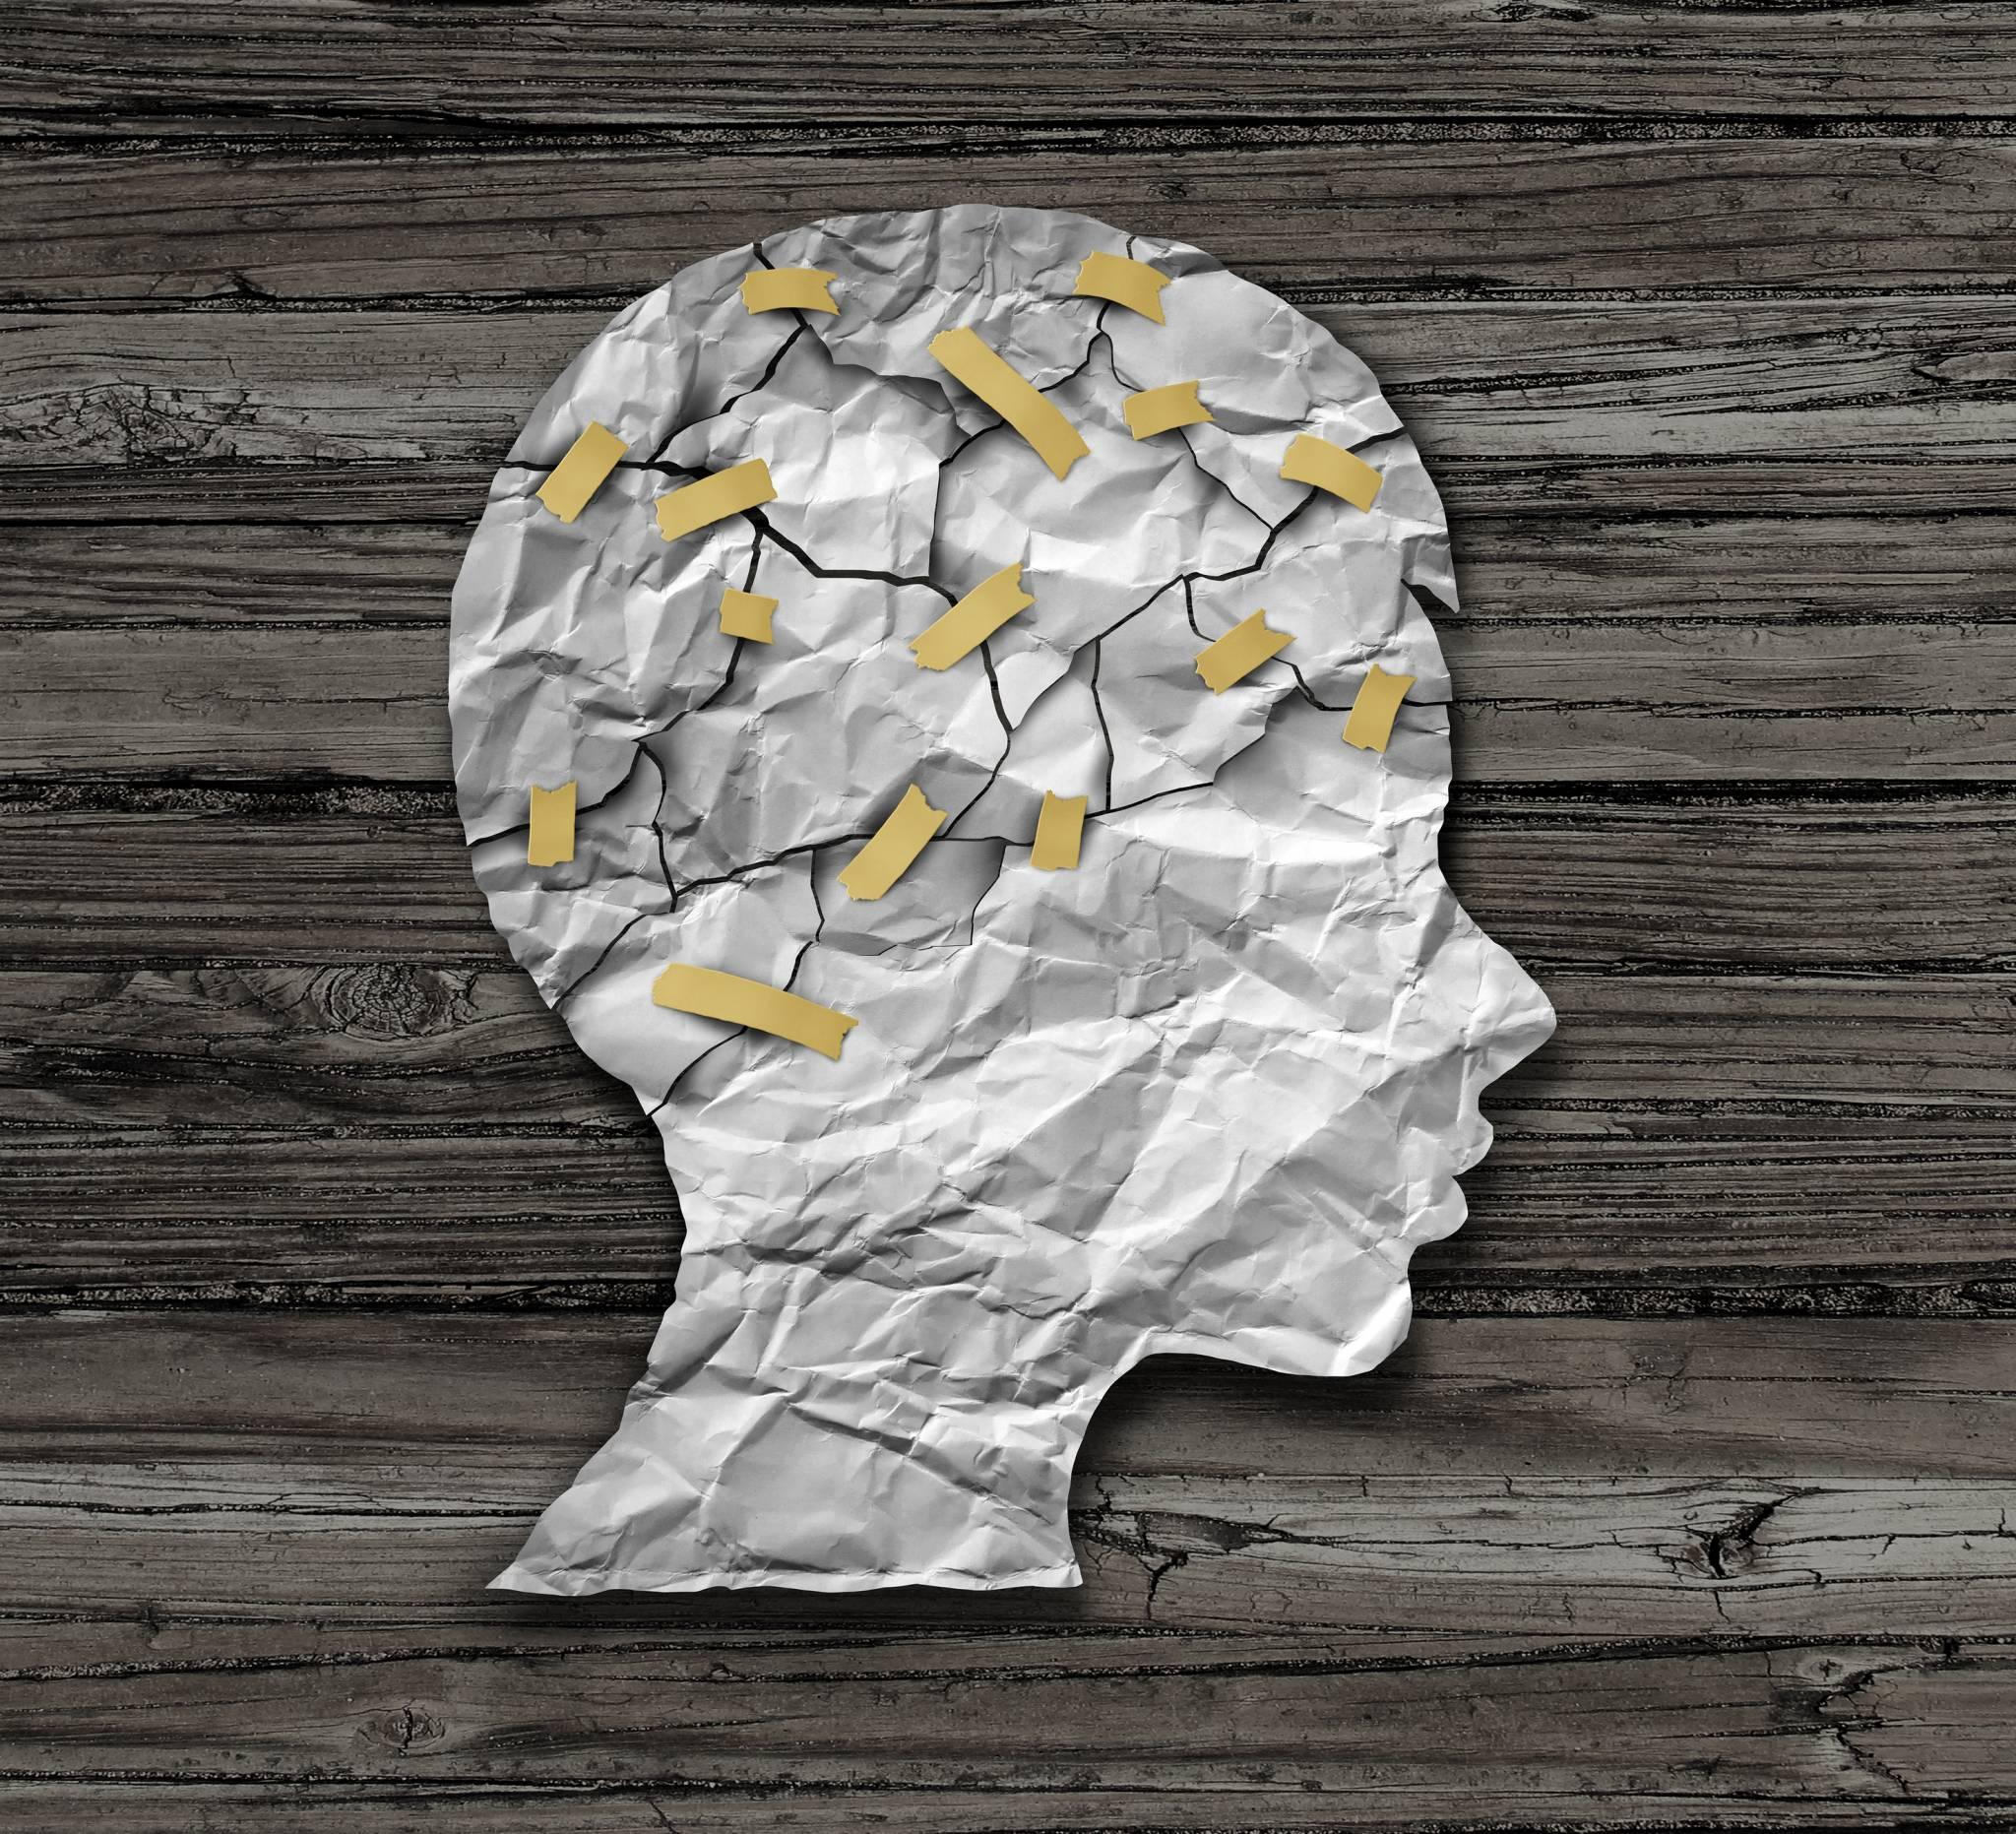 Tunnemuisti – Miten tunnekokemukset tallentuvat ja miten ne vaikuttavat?